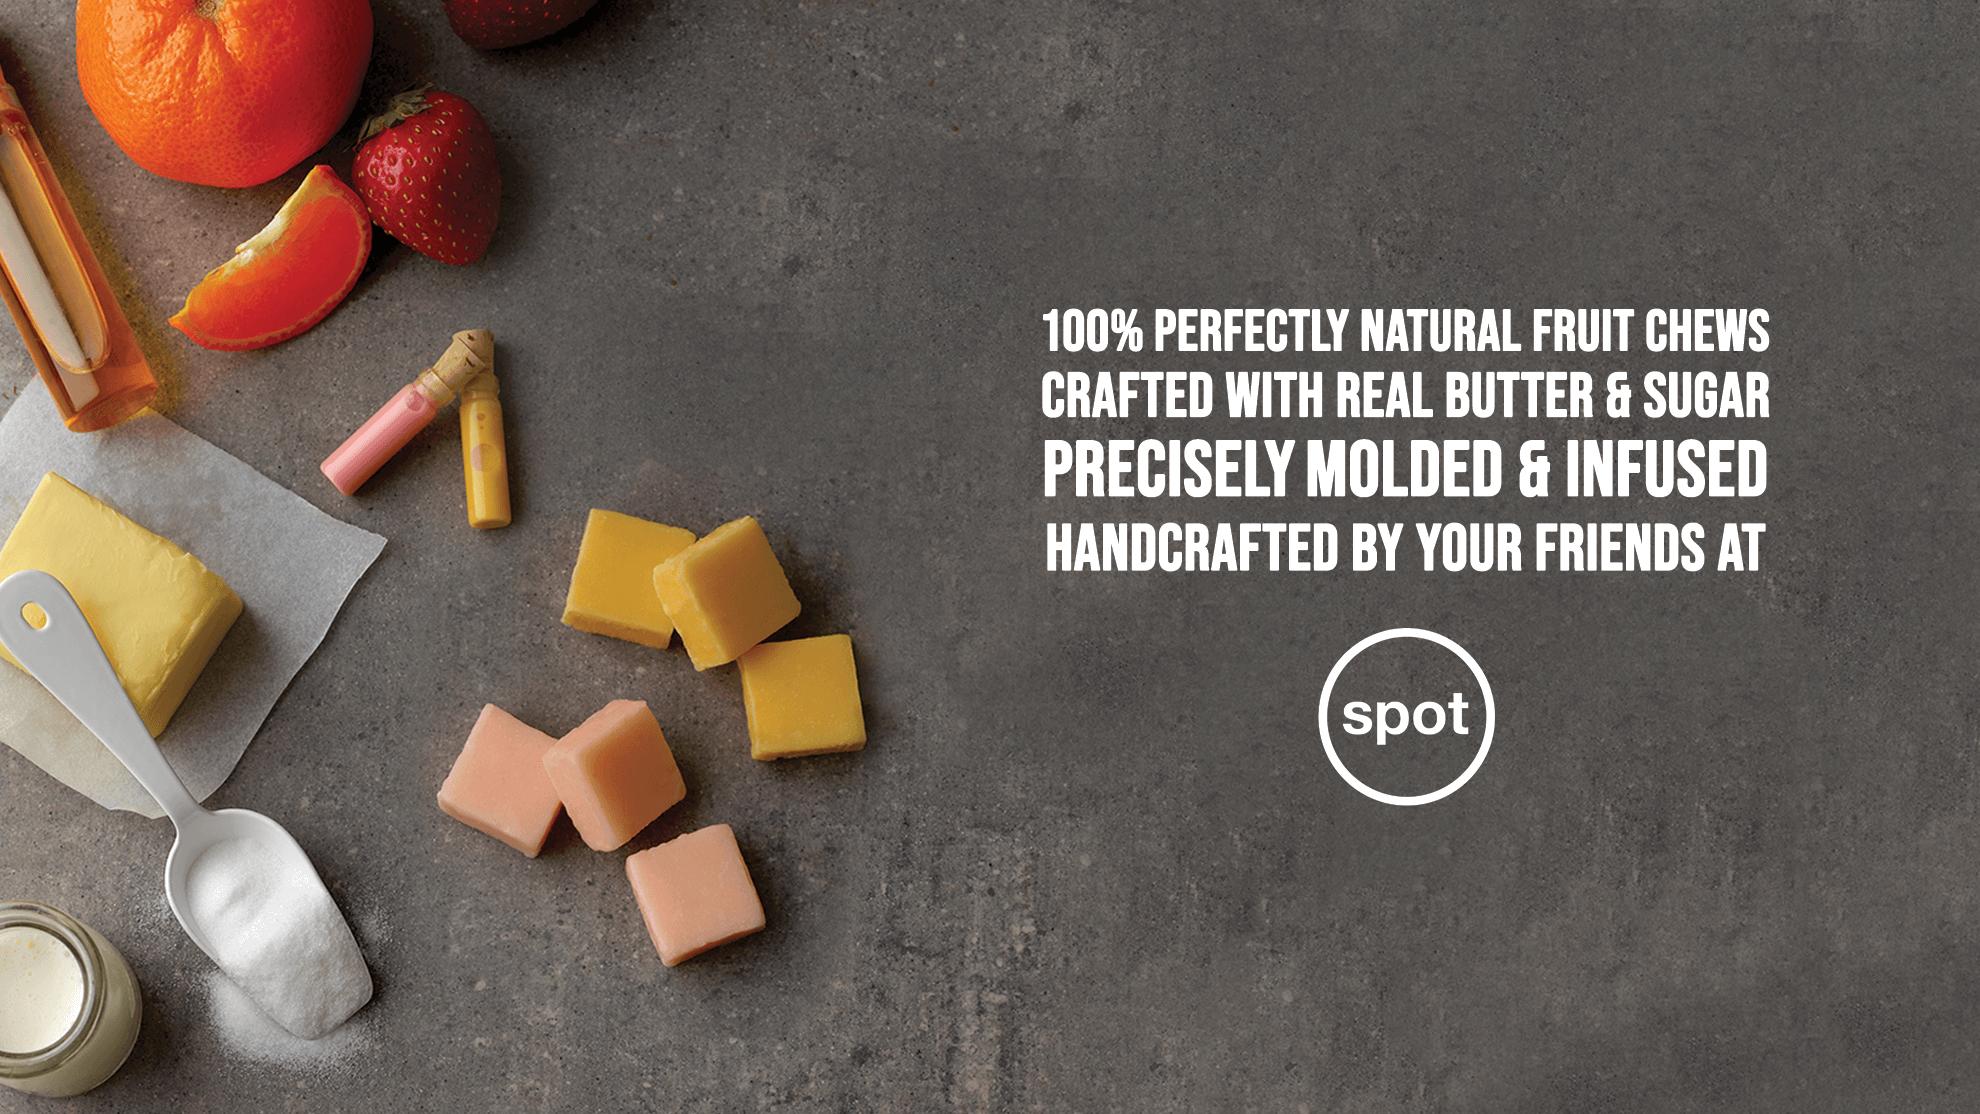 spot_FruitChewsIngredients-TVscreen.png